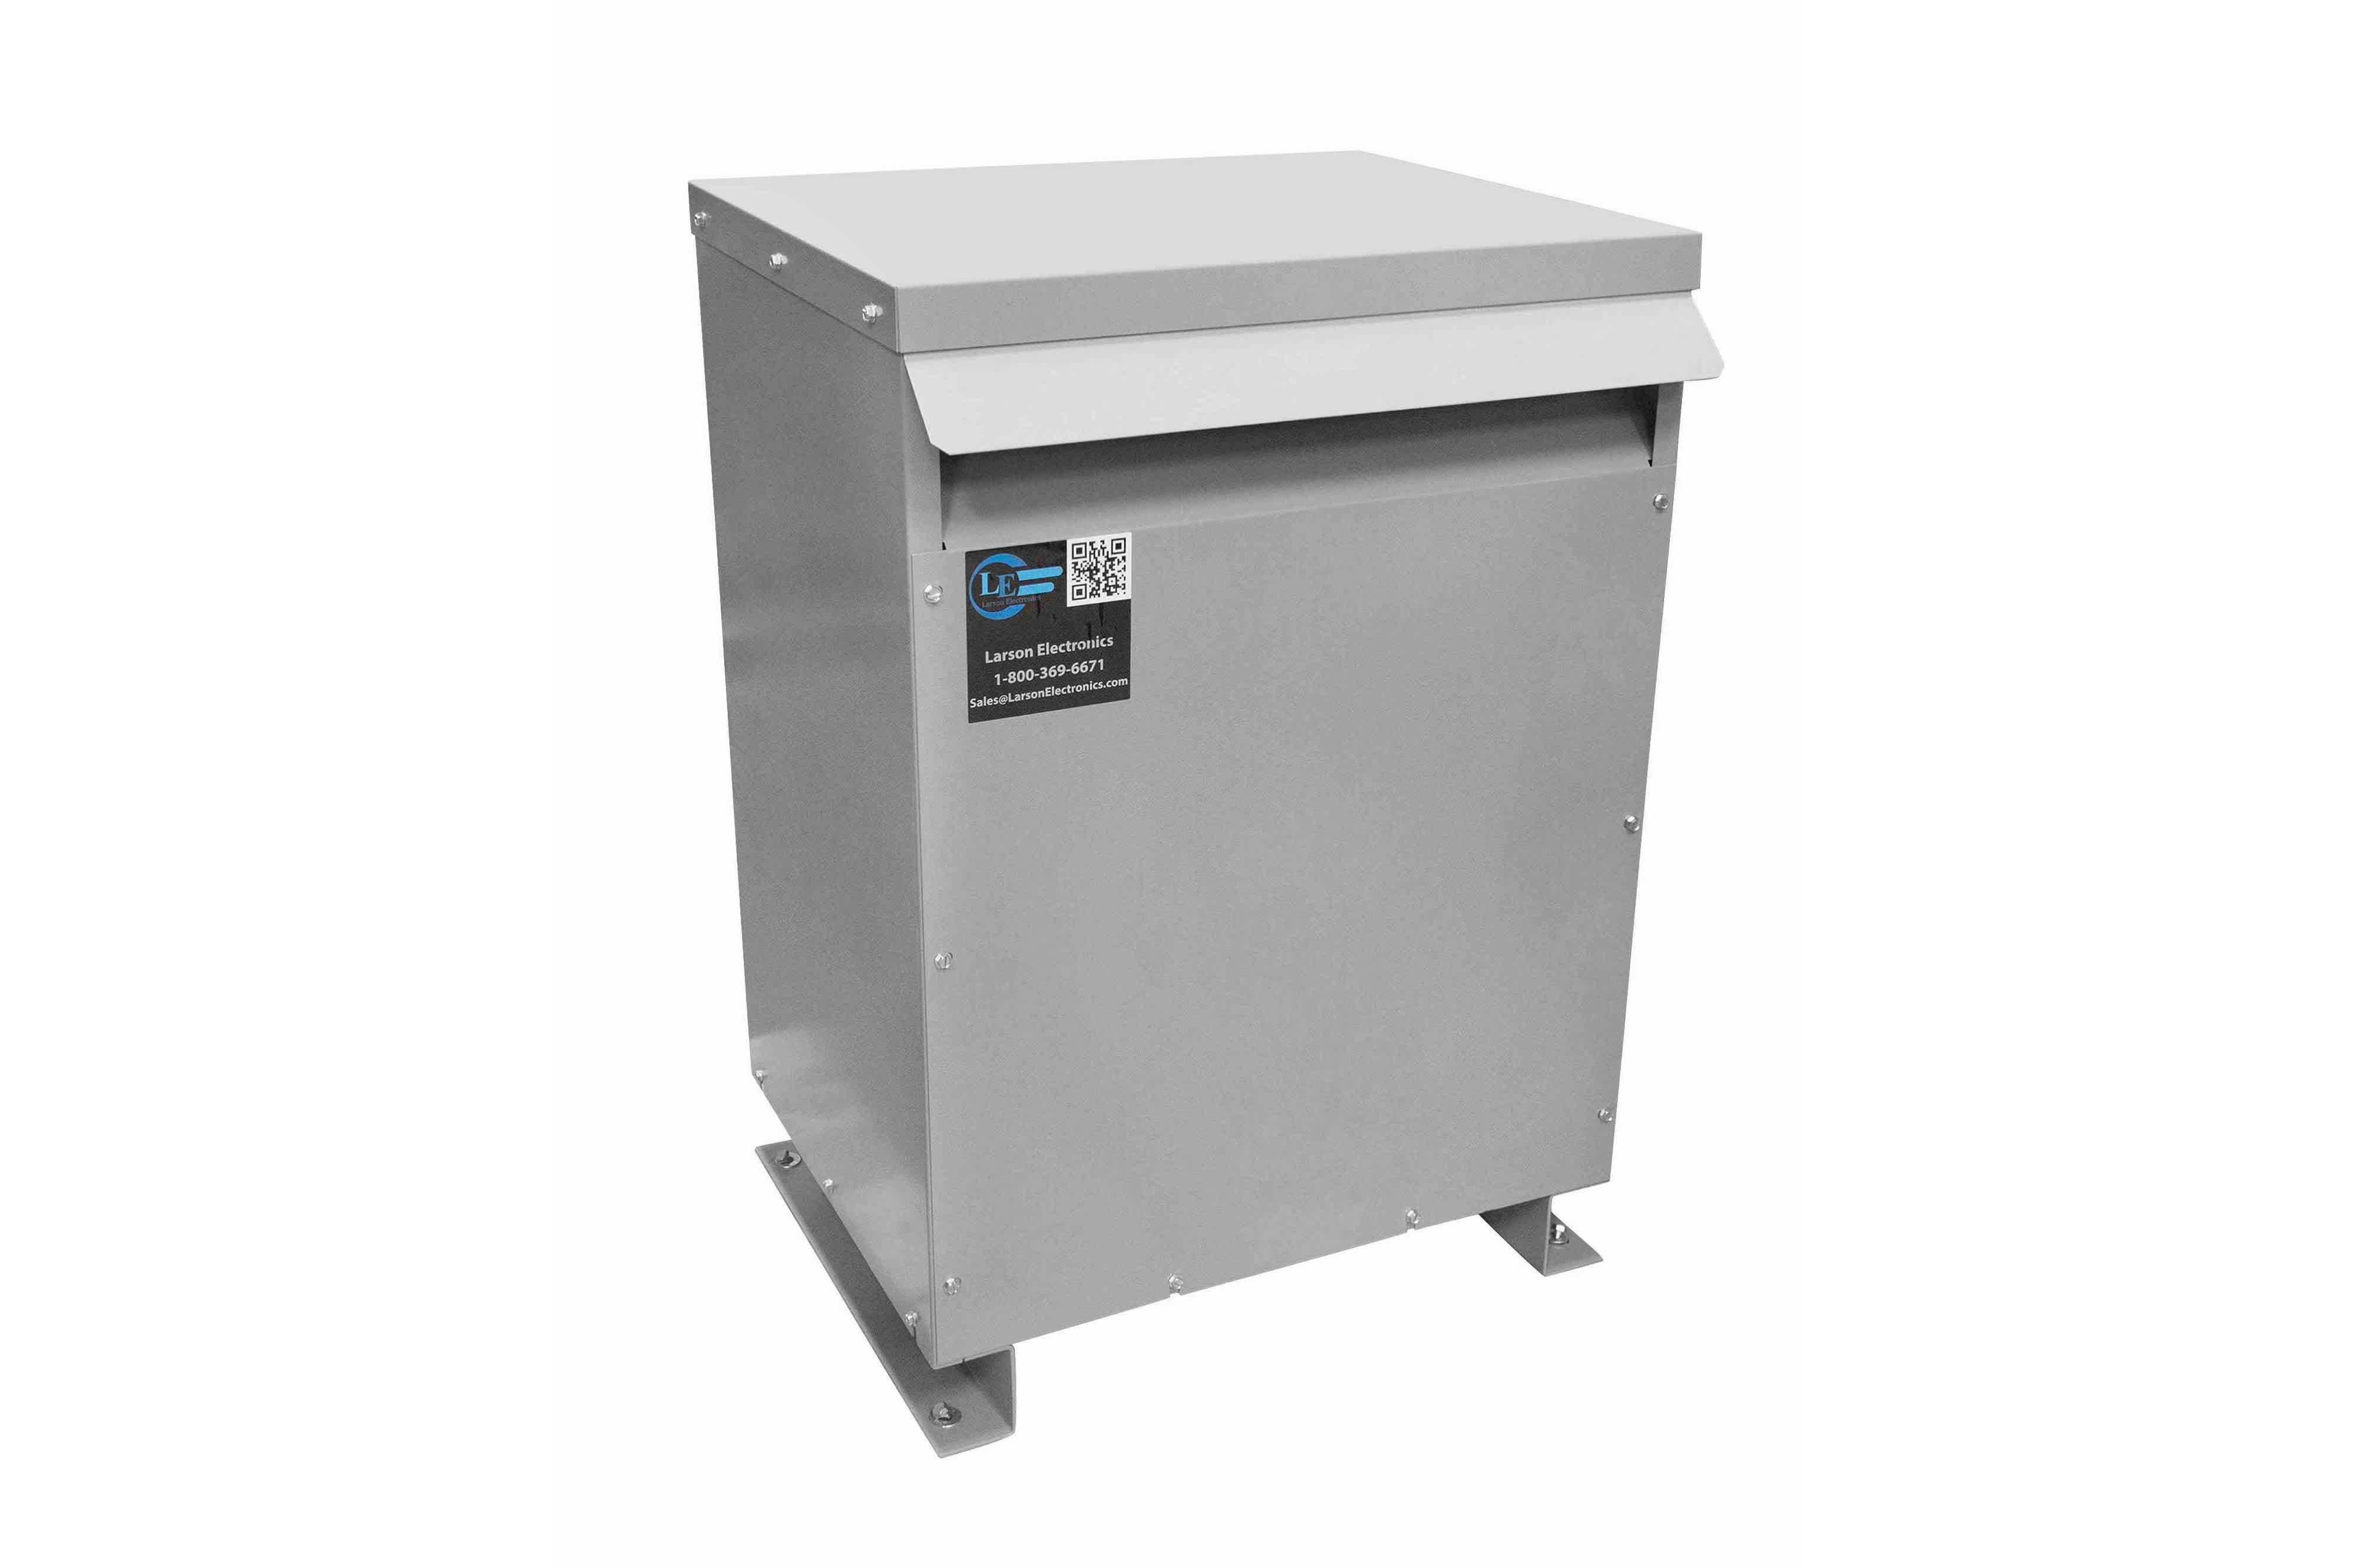 26 kVA 3PH Isolation Transformer, 208V Delta Primary, 480V Delta Secondary, N3R, Ventilated, 60 Hz